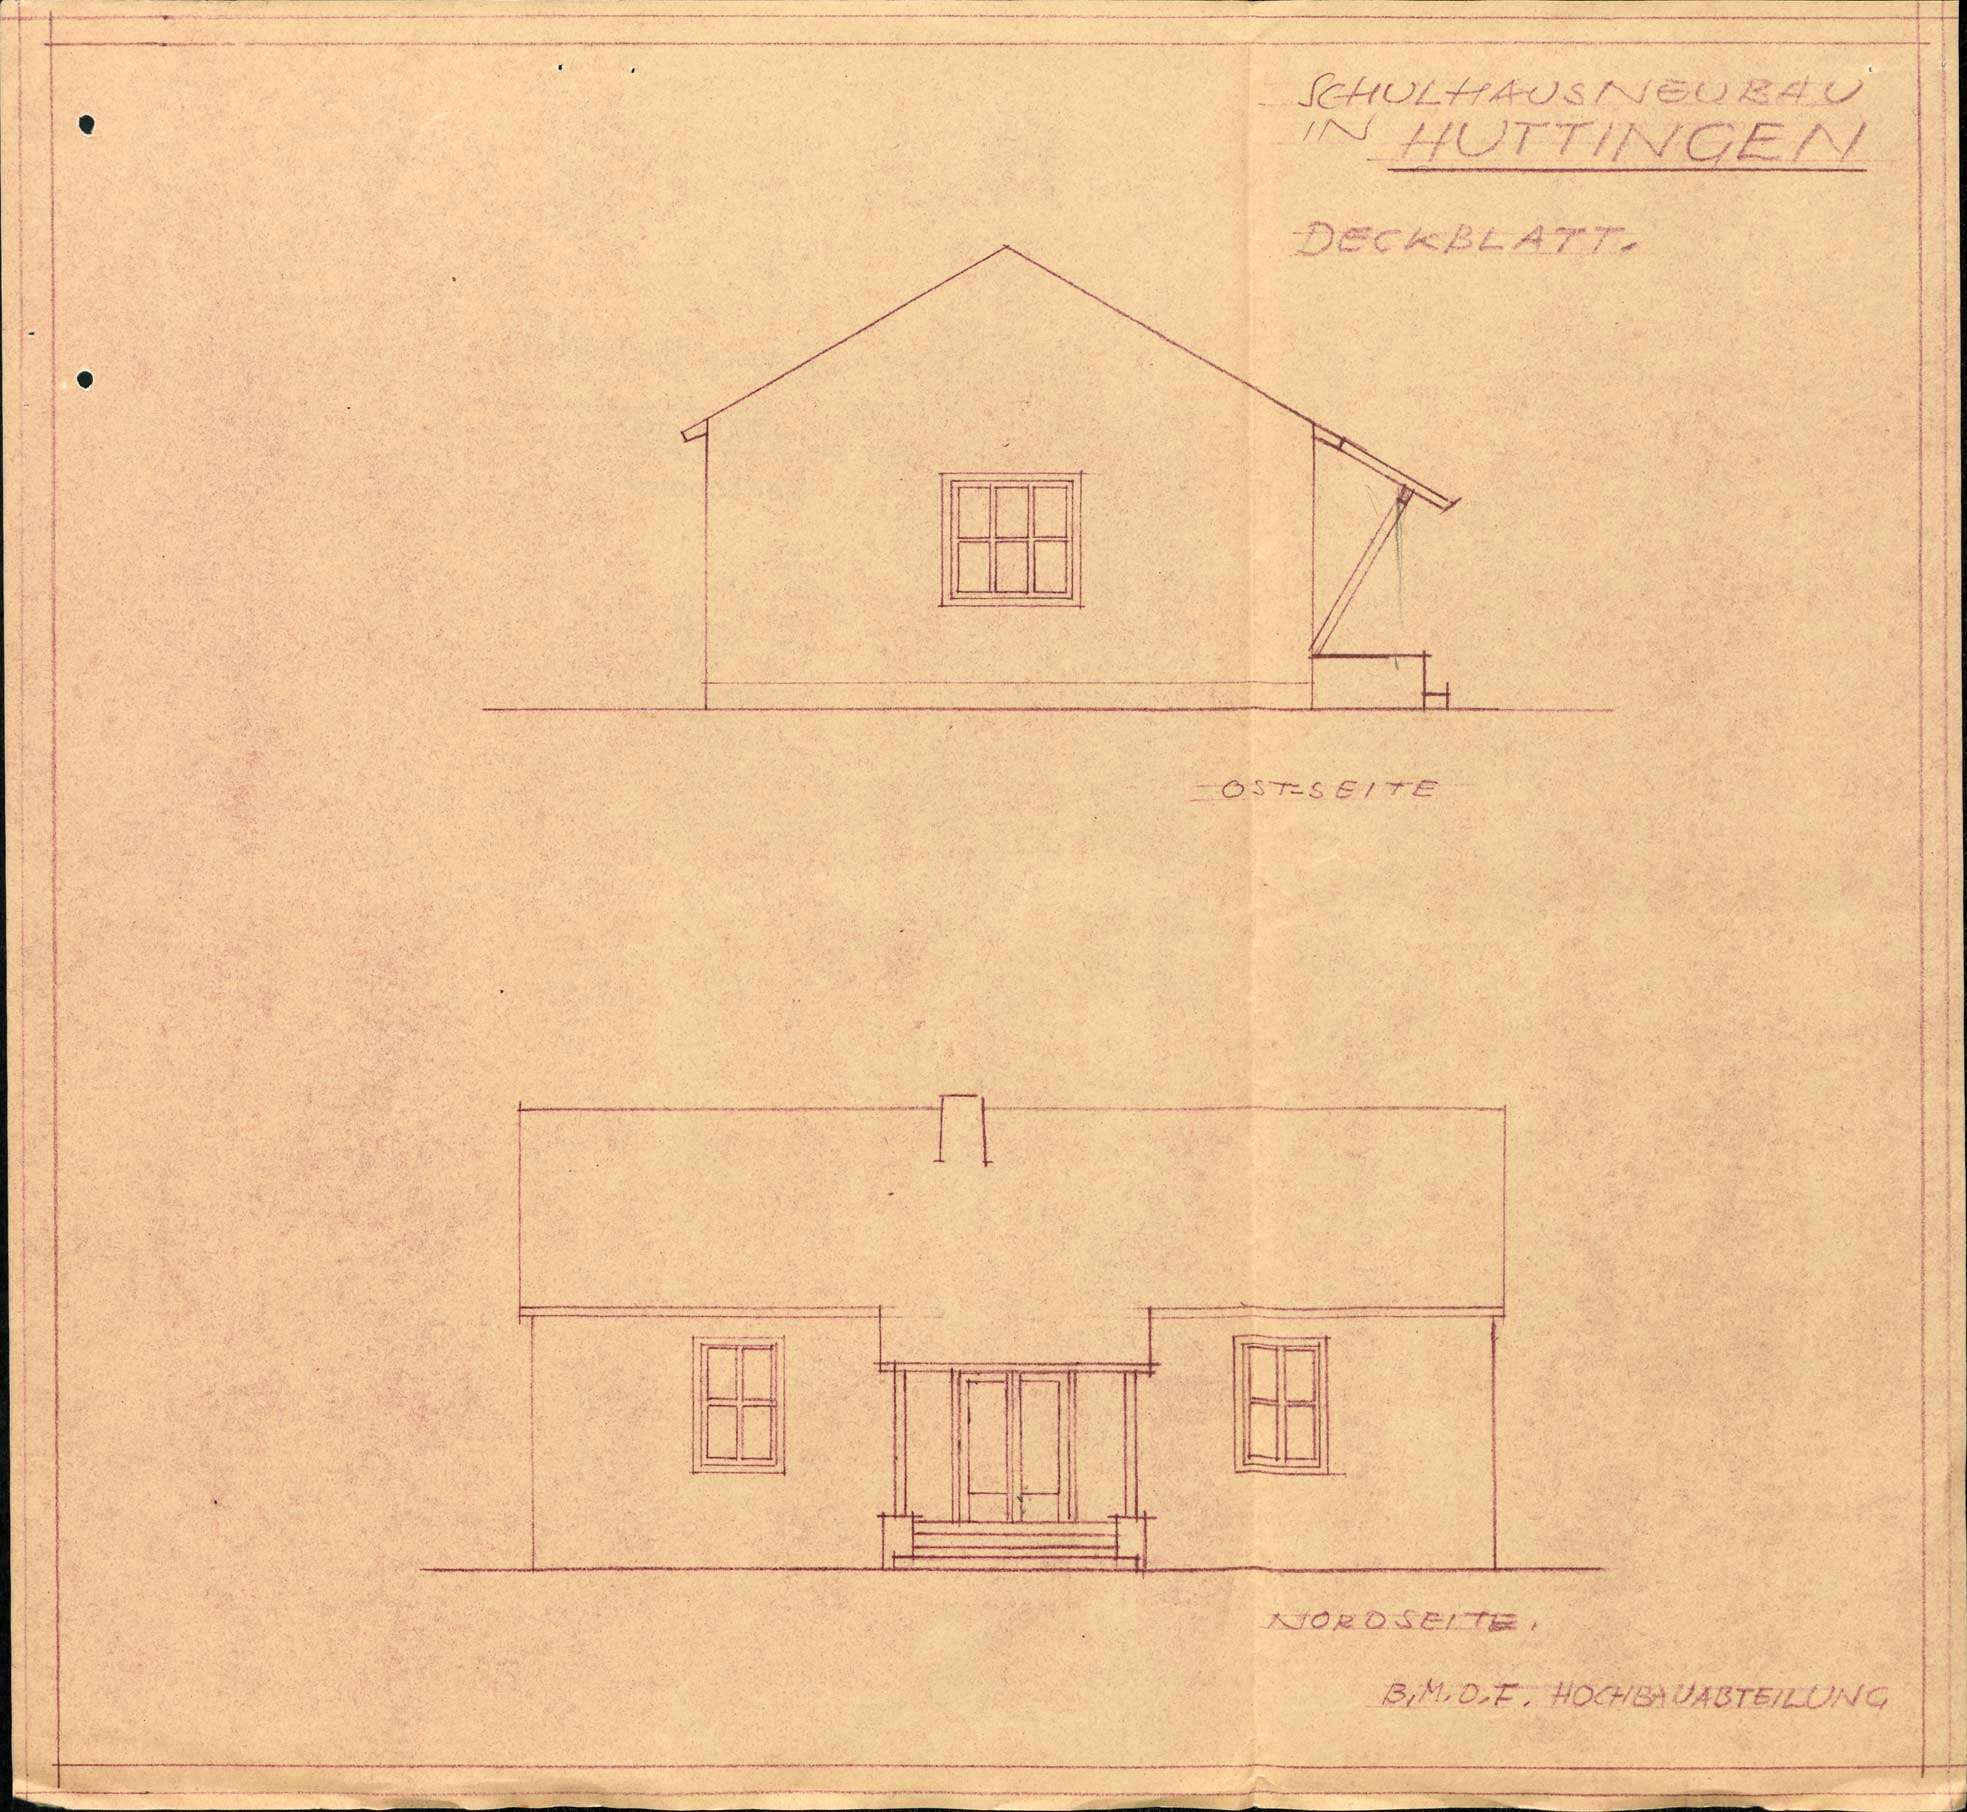 Baugesuch der Gemeinde Huttingen zur Erstellung eines Schulhauses, Bild 3